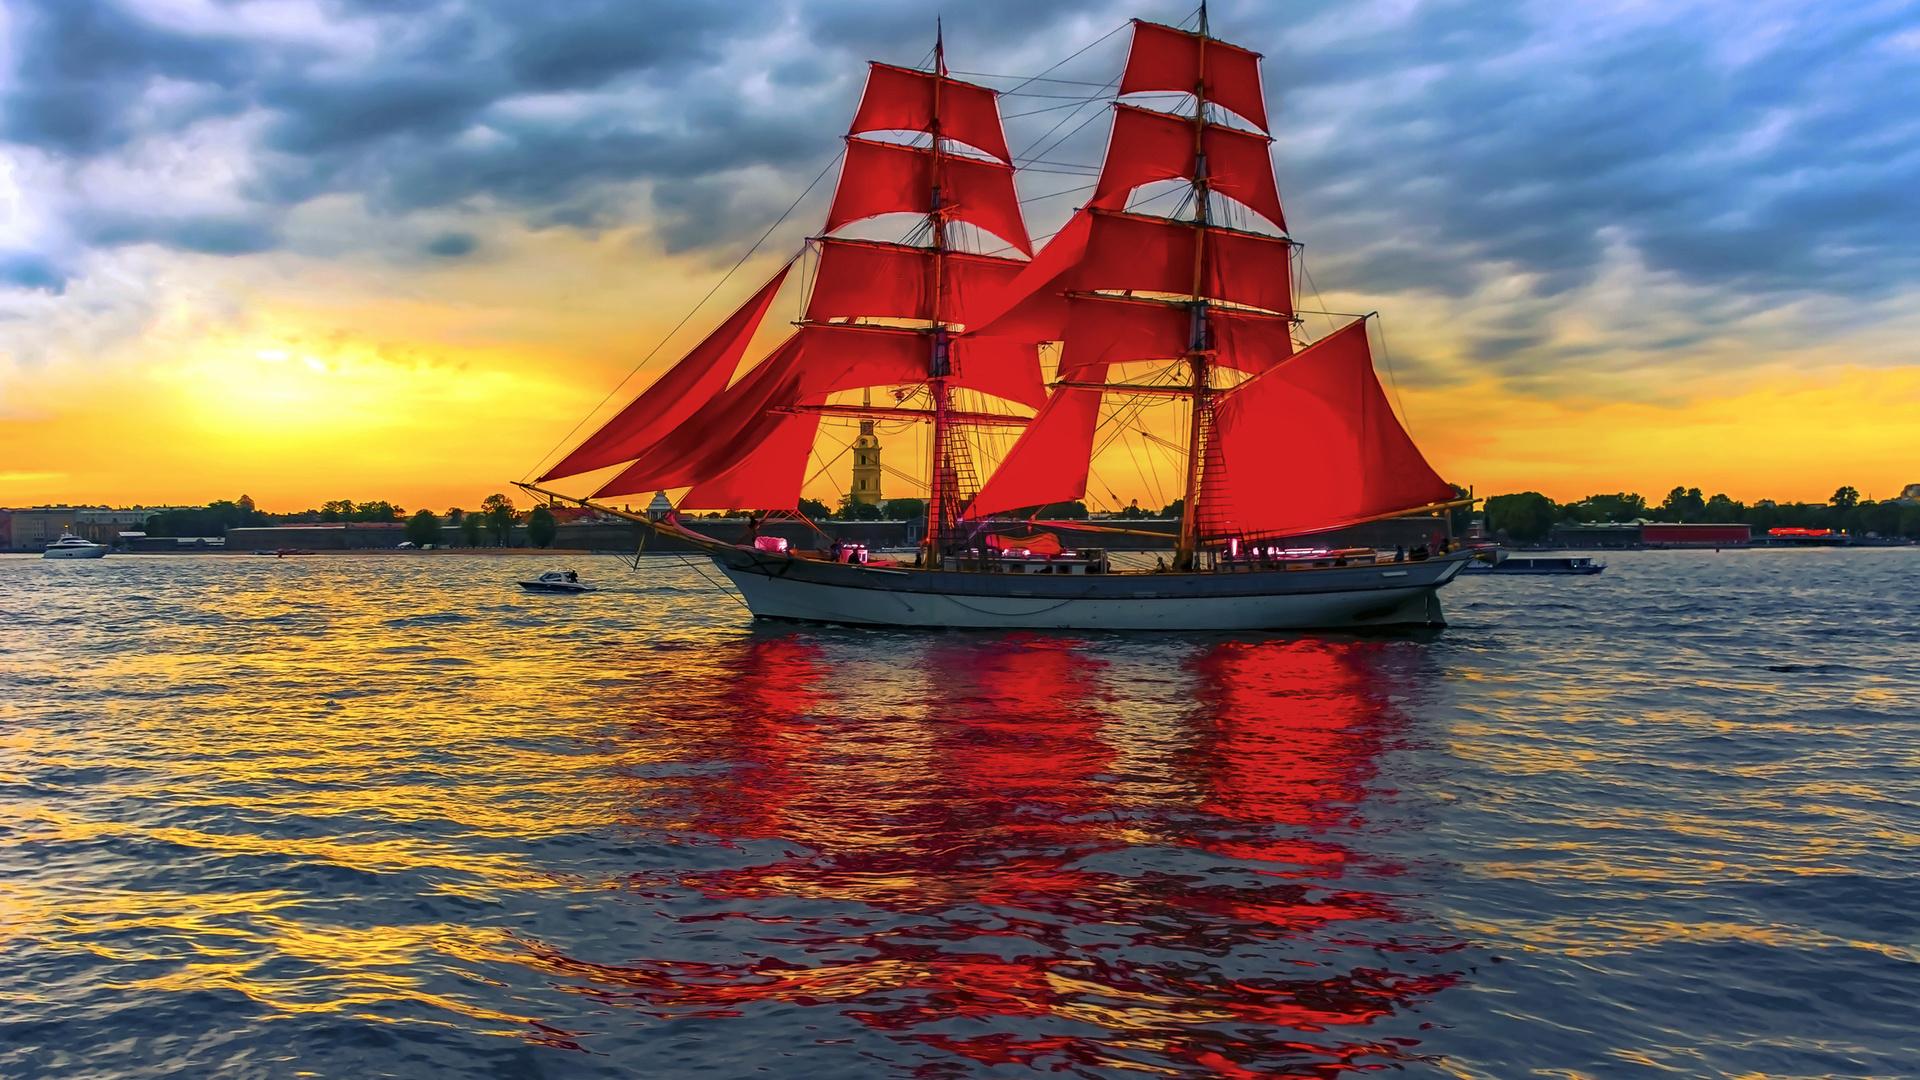 Картинки корабликами, отдыха